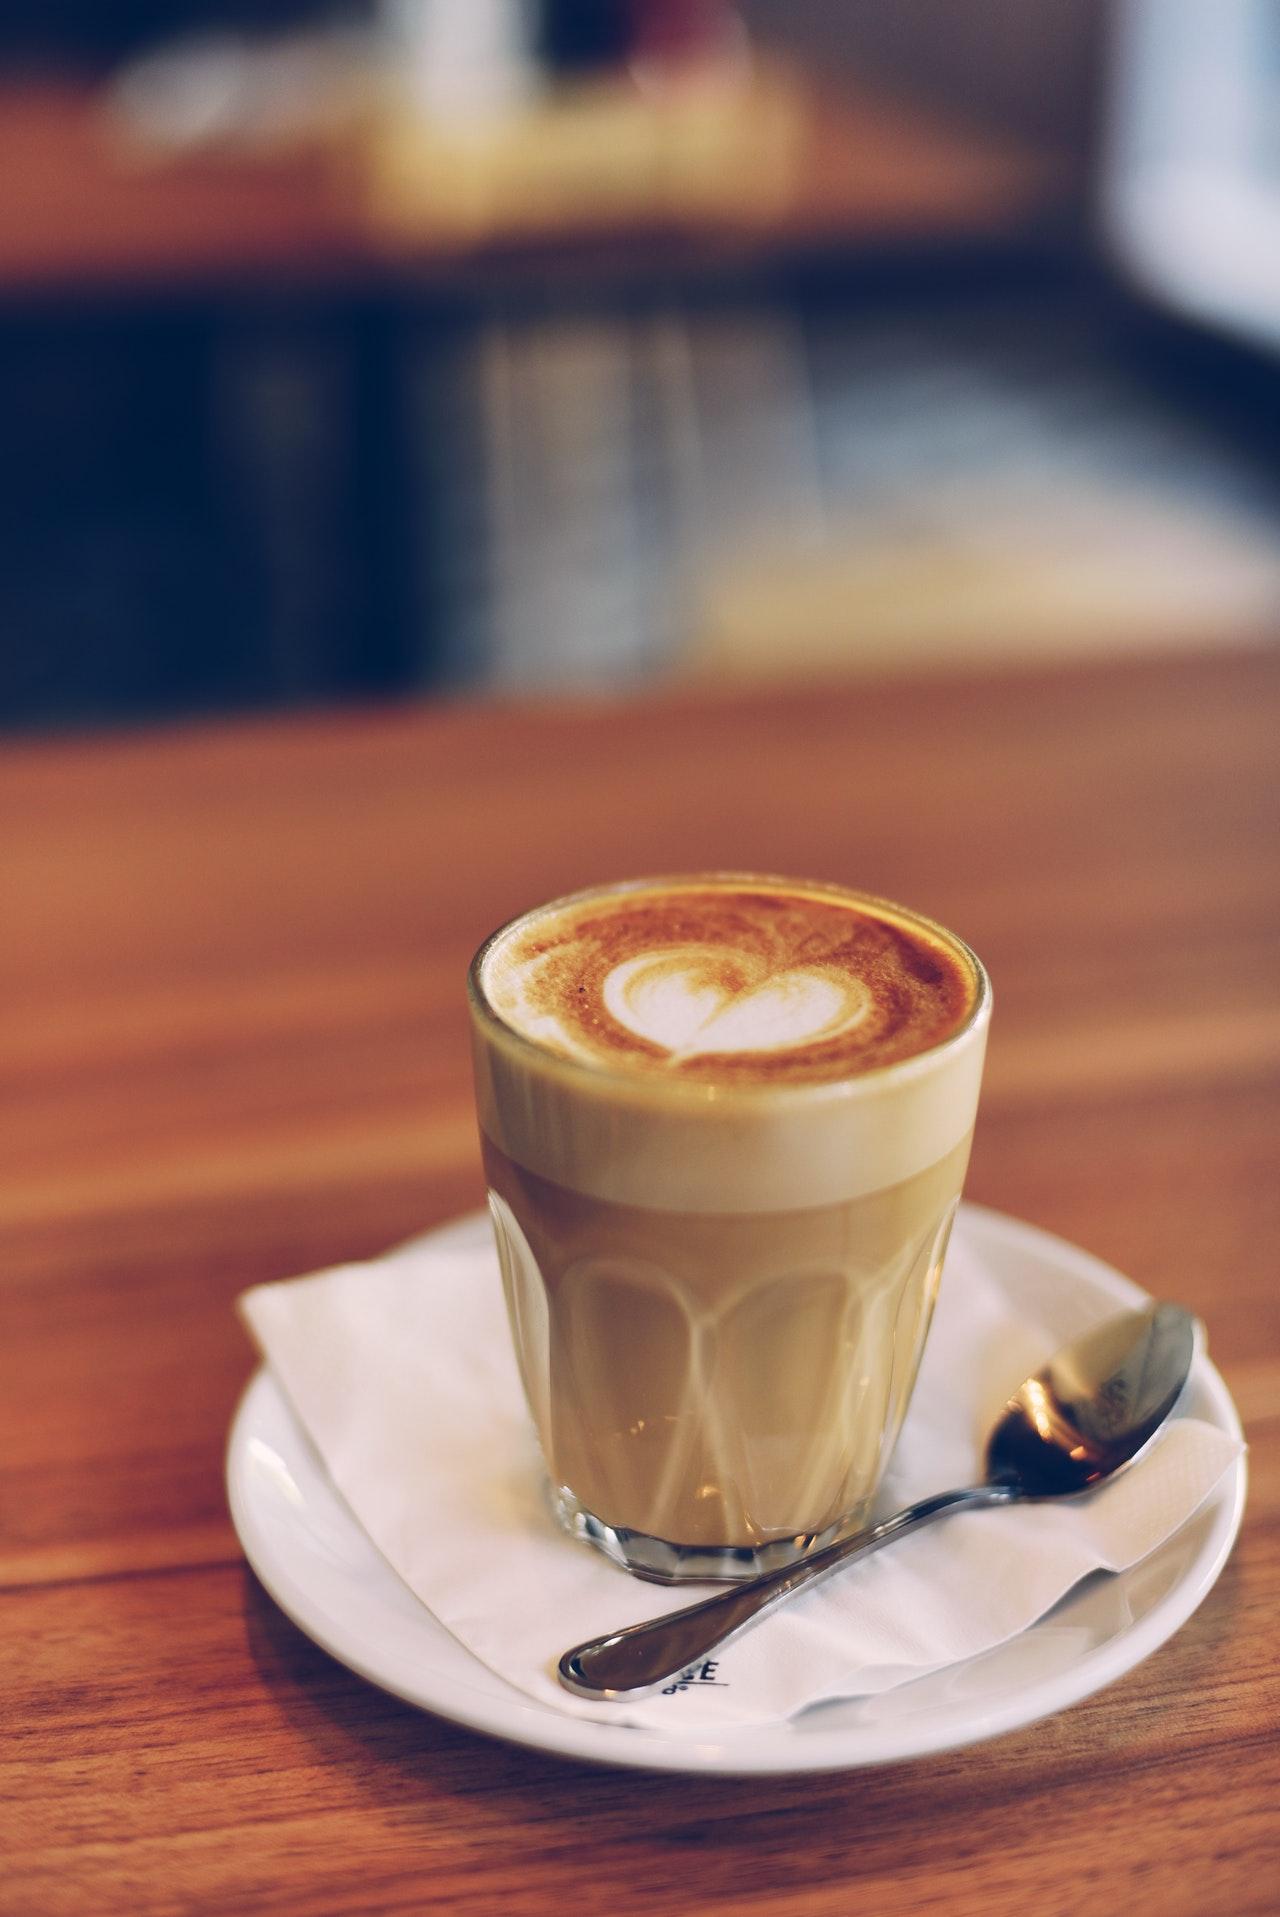 Der Kaffee aus einer Kaffeepodmaschine, schmeckt sehr ähnlich wie der aus Pulver oder frischen Bohnen.